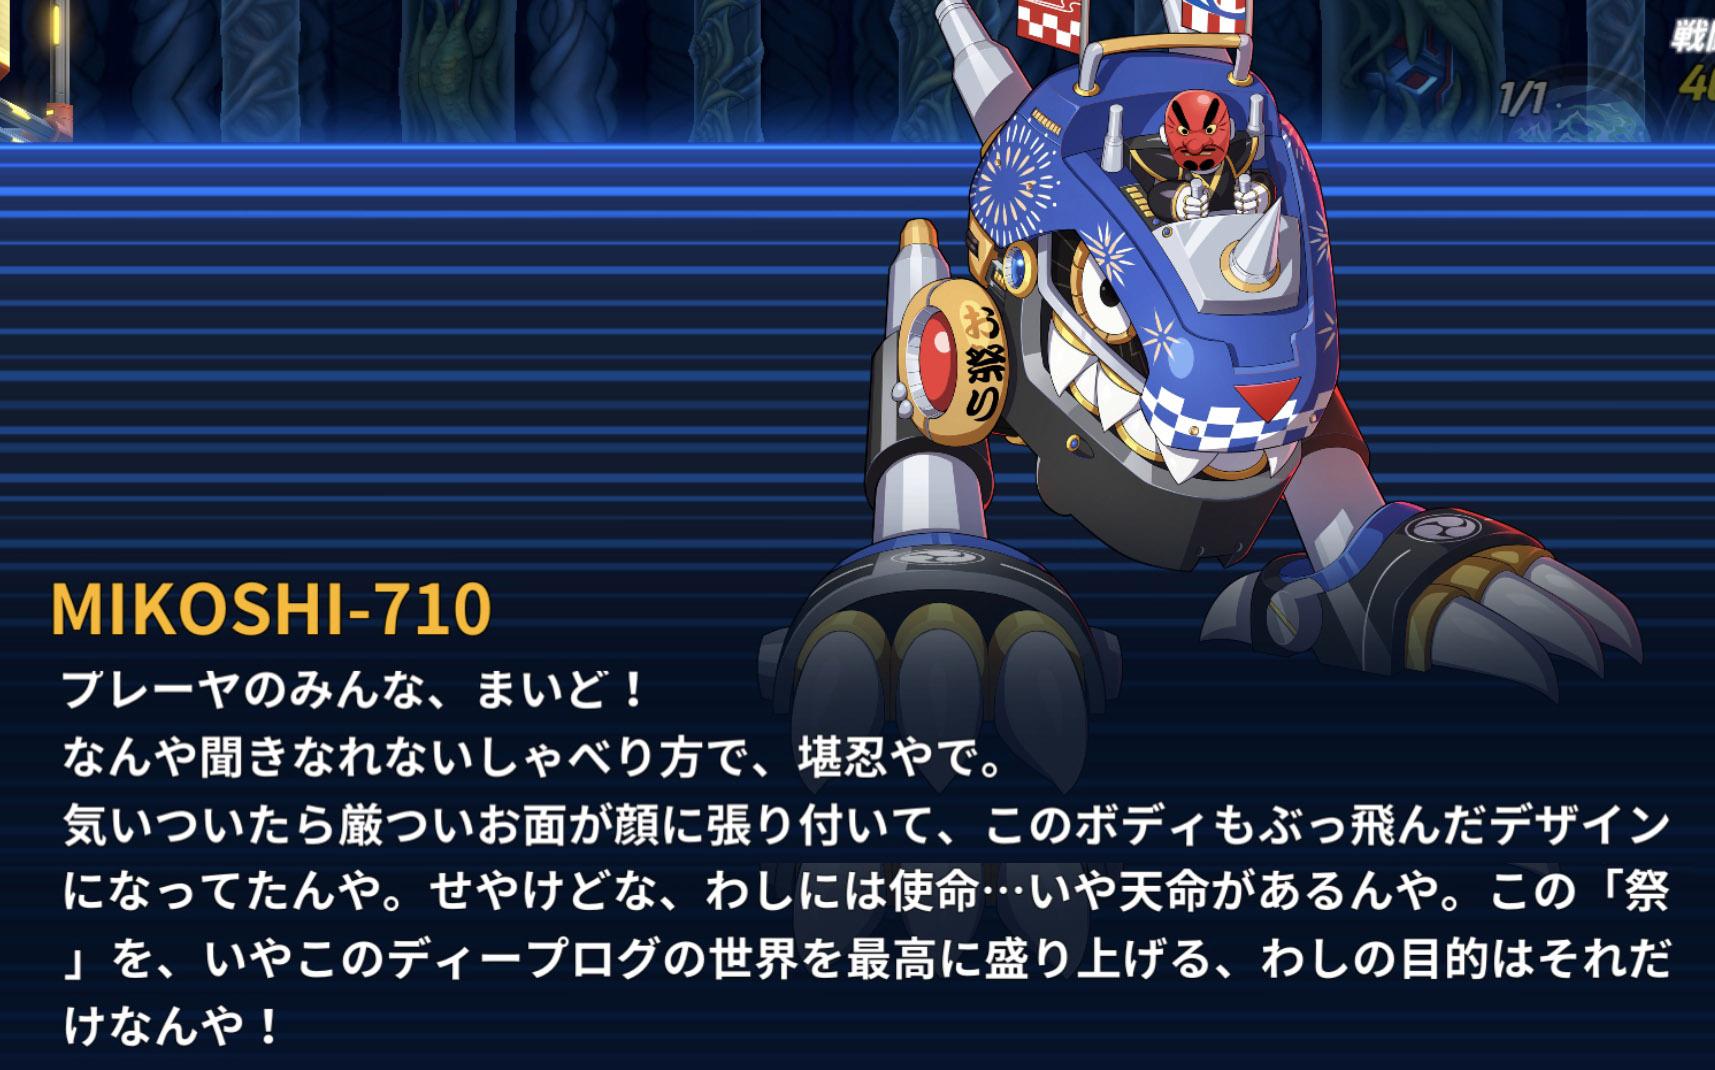 MIKOSHI-710.jpg